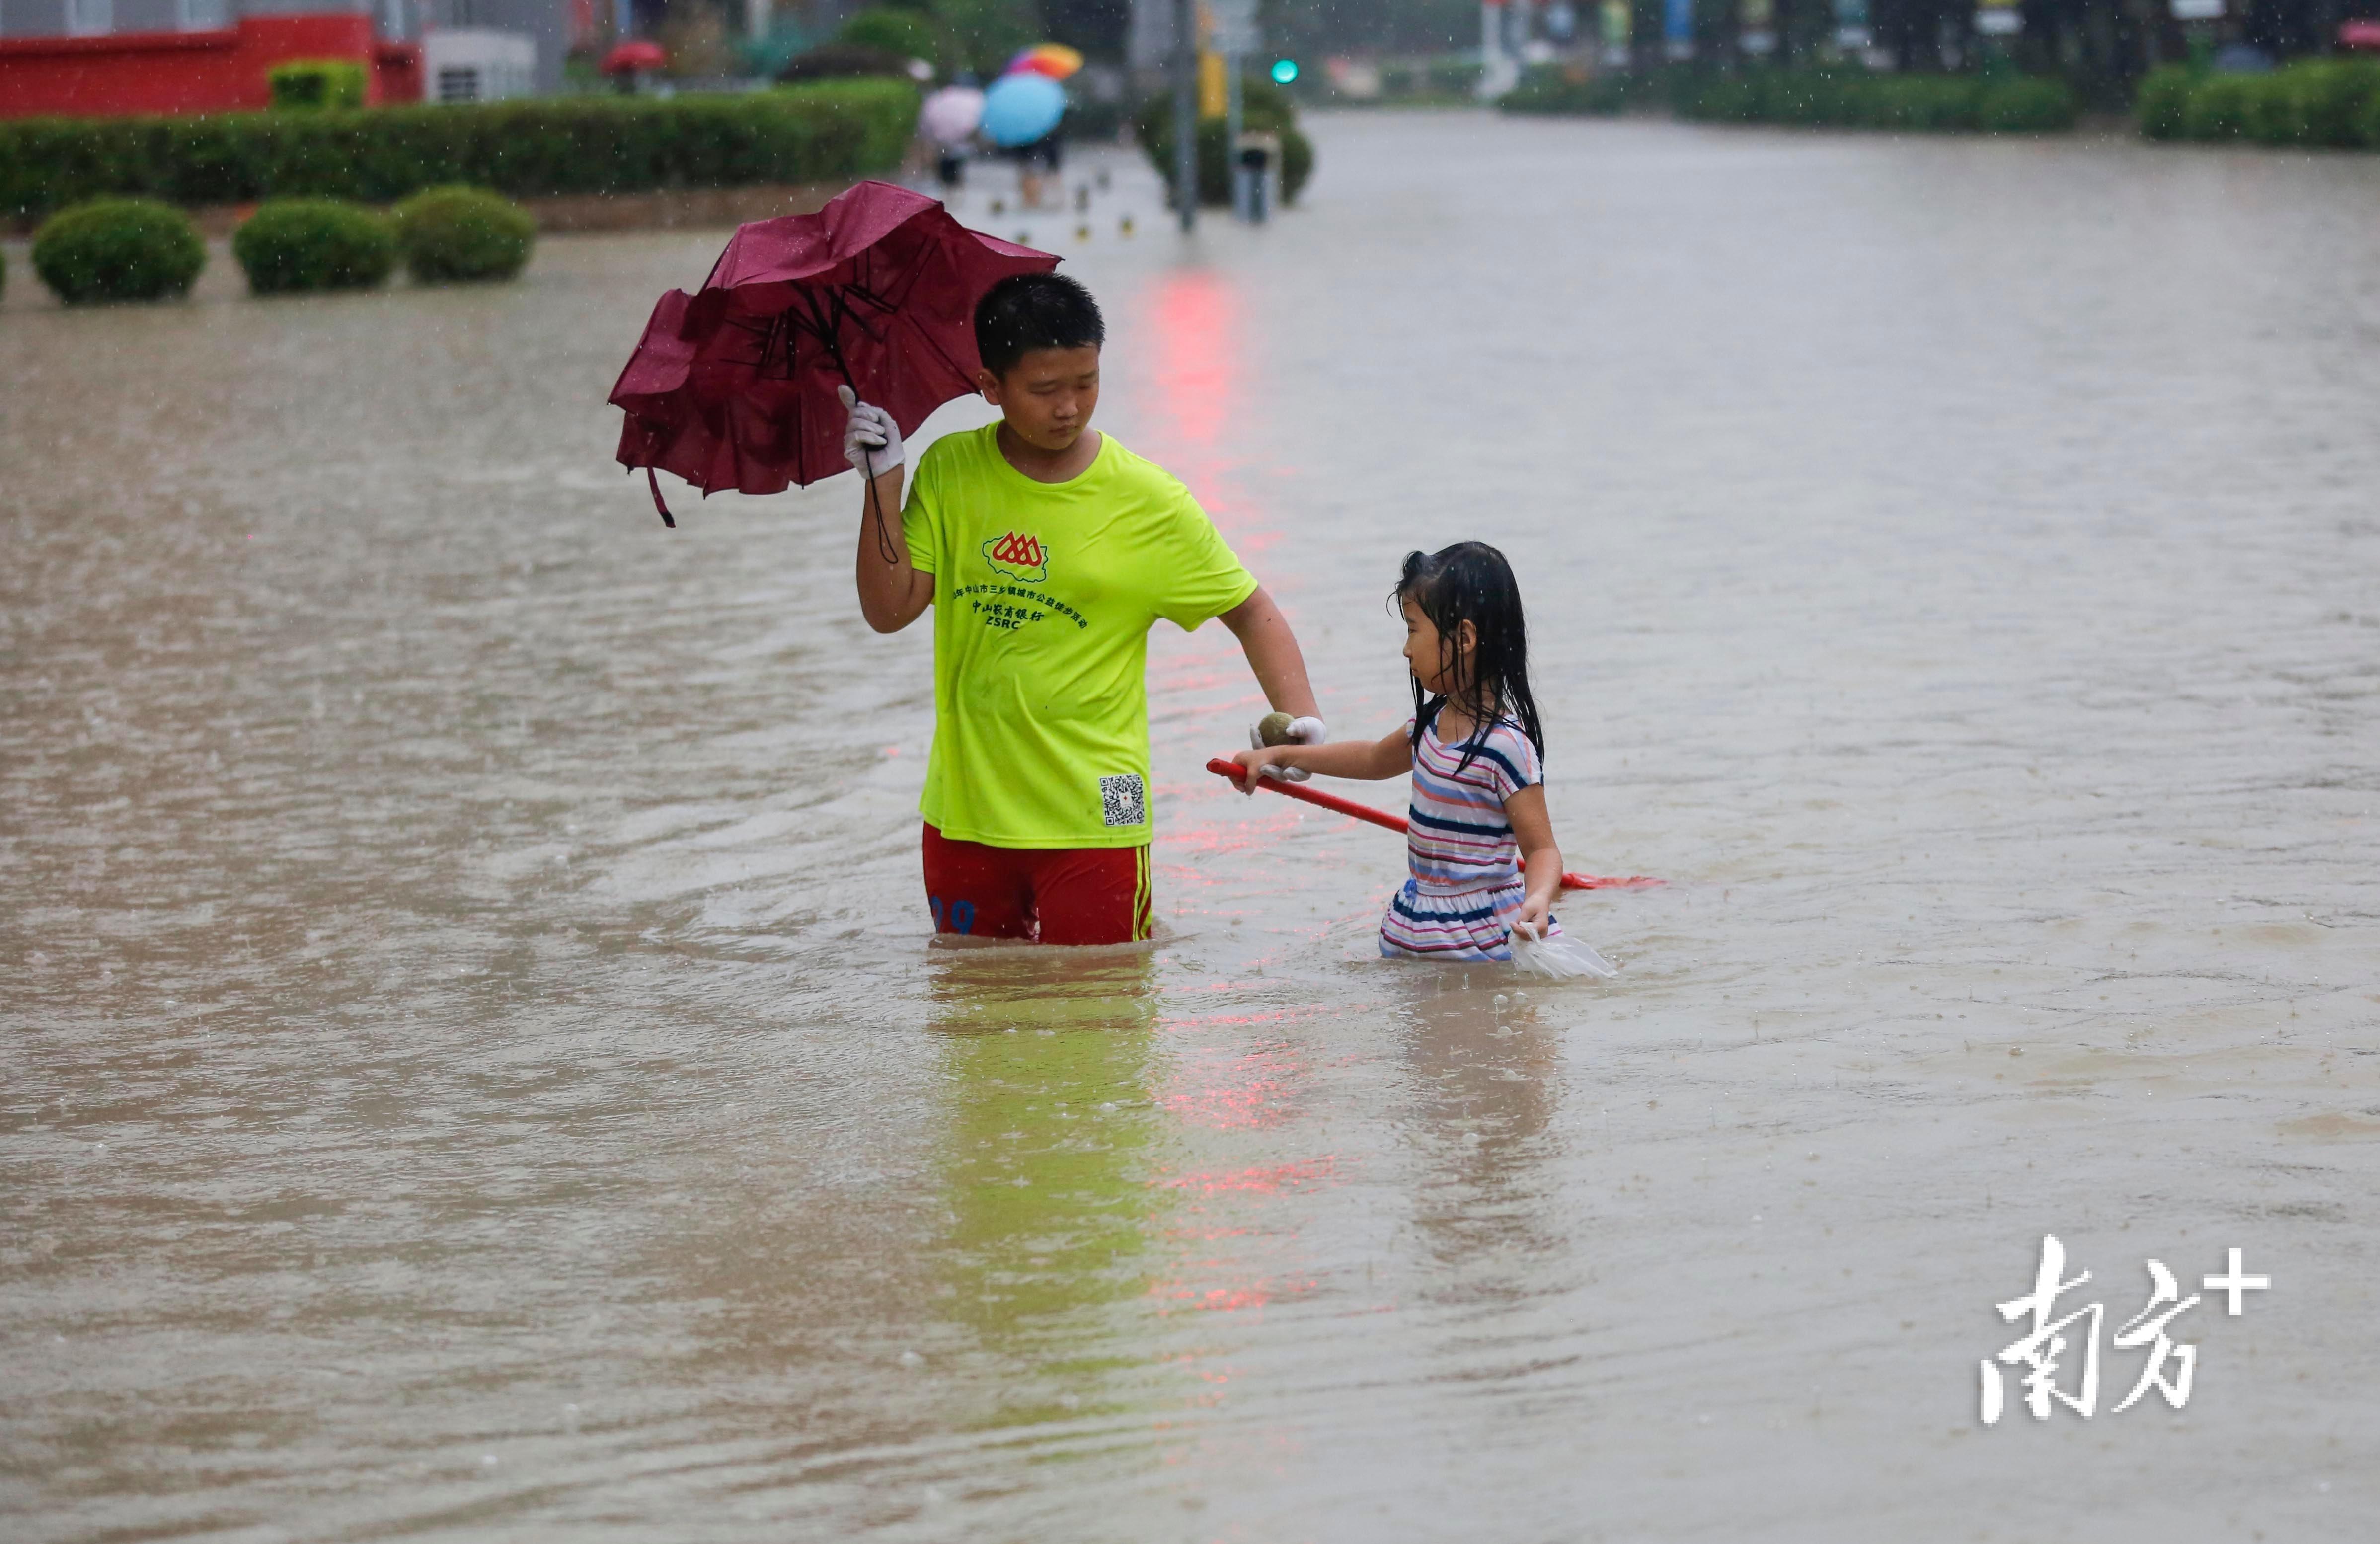 10月10日11时许,三乡镇景观大道水浸严重。 南方+ 叶志文 摄